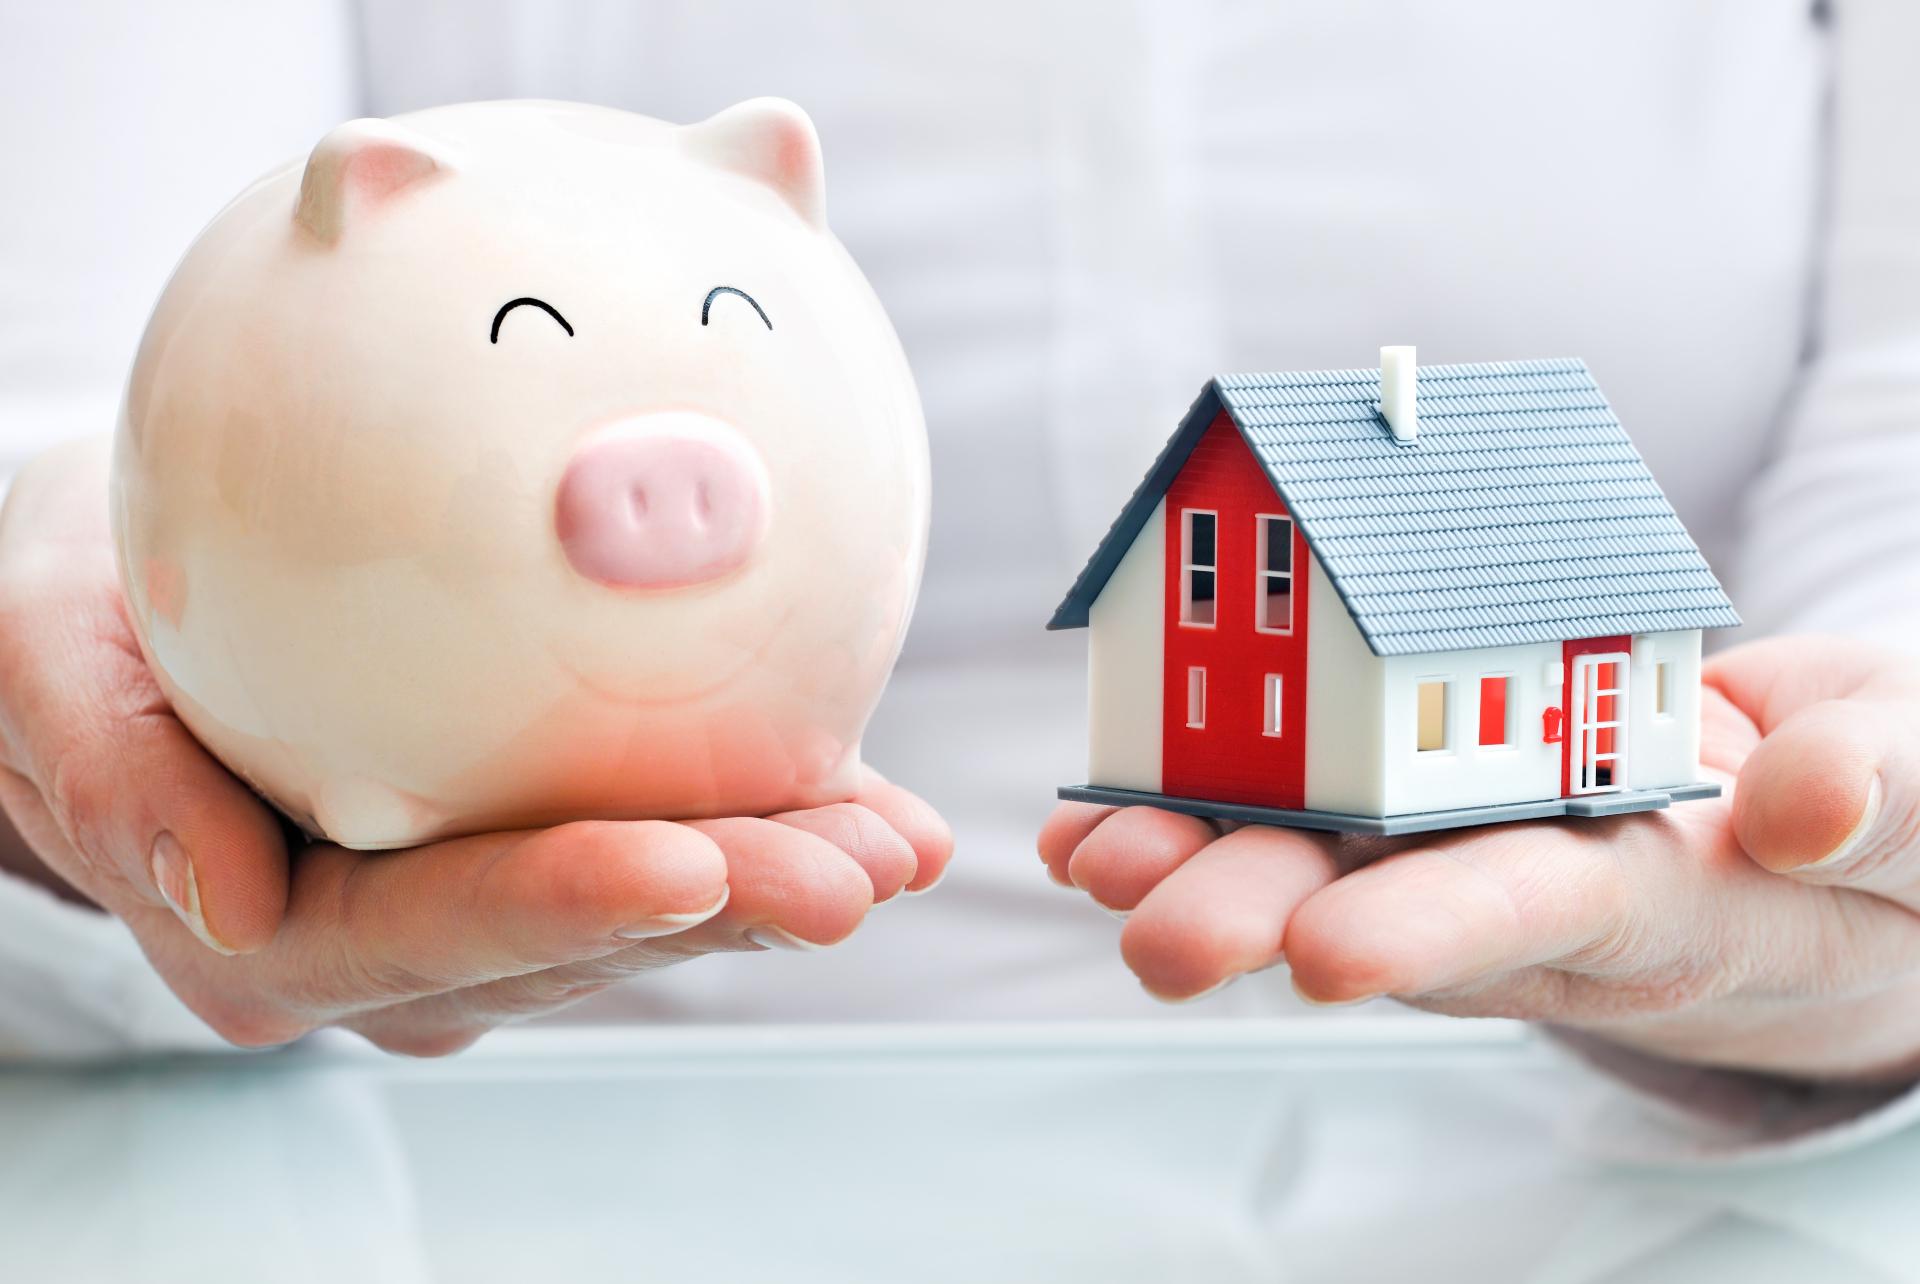 В отличие от основного вычета, воспользоваться вычетом от уплаты процентов по ипотеке можно только один раз и относительно одного объекта